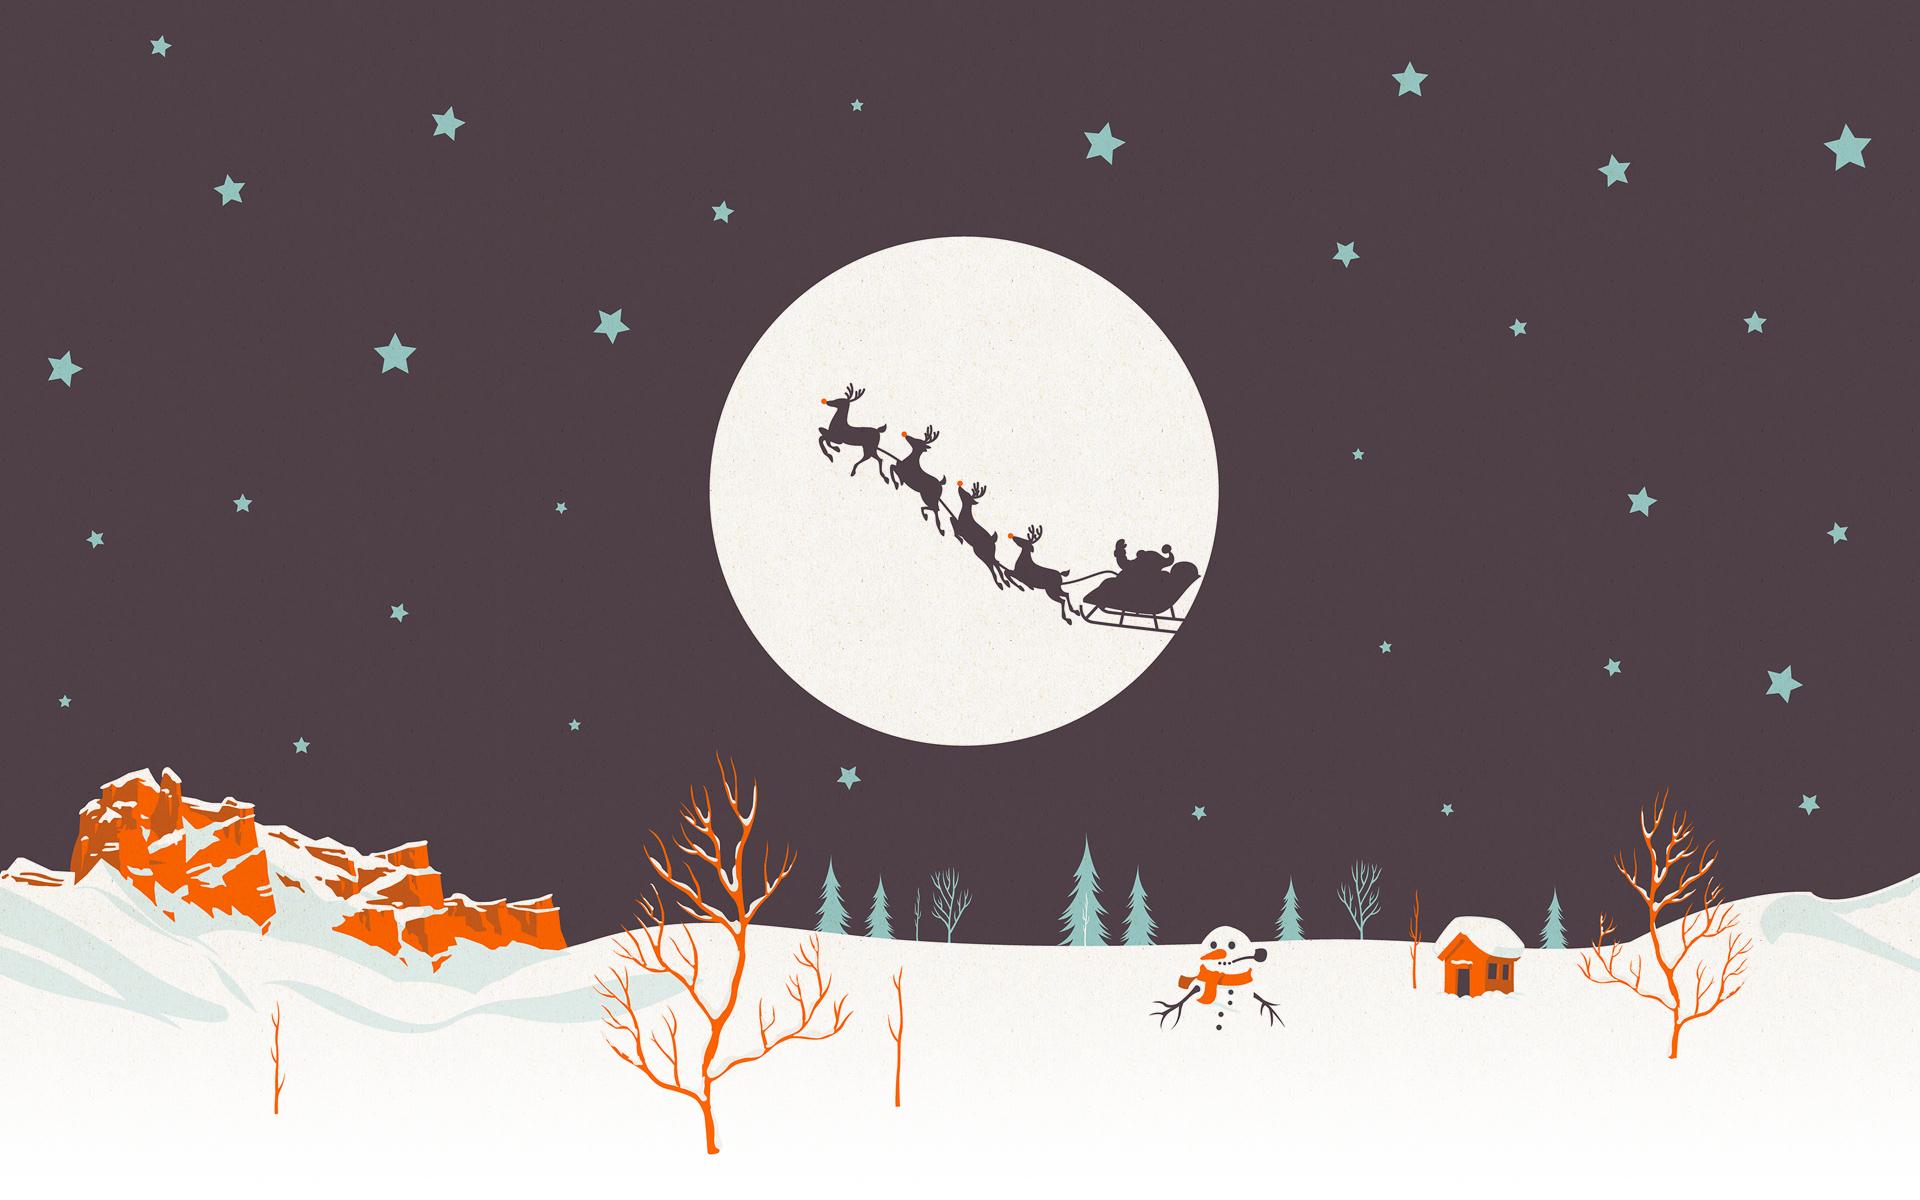 Noche de navidad dibujo - 1920x1200